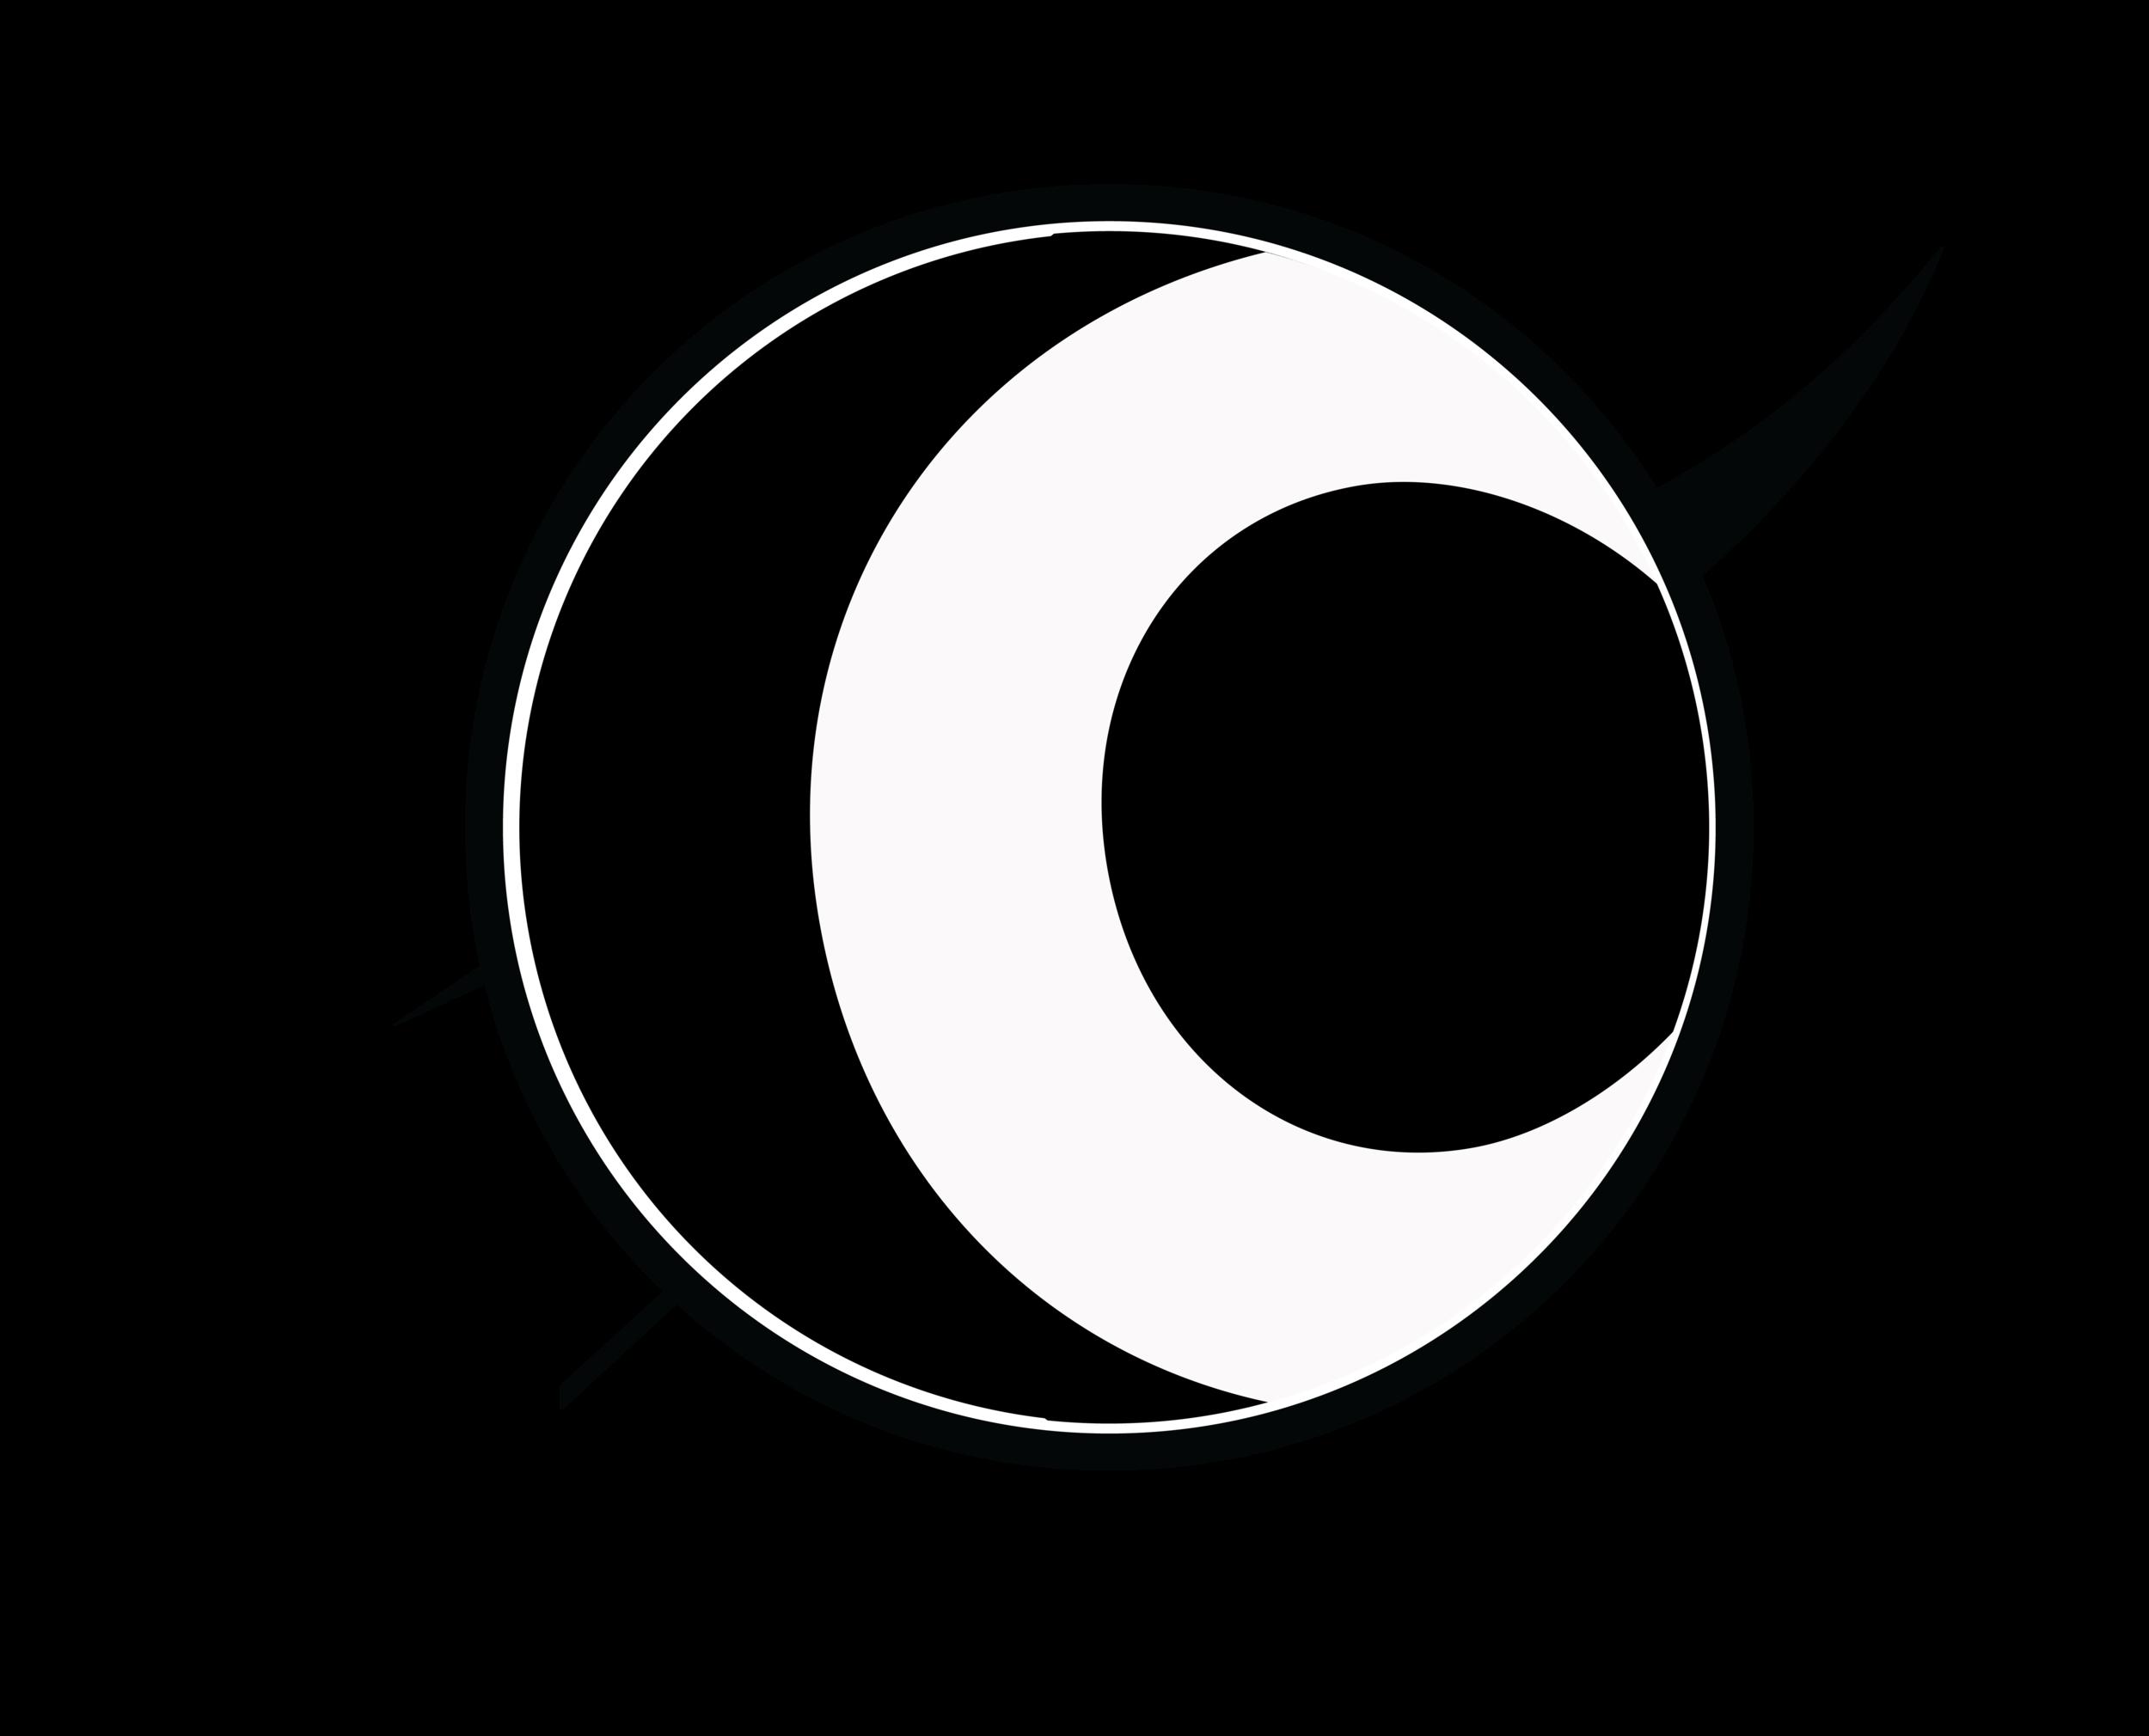 BigC.logo (1).png